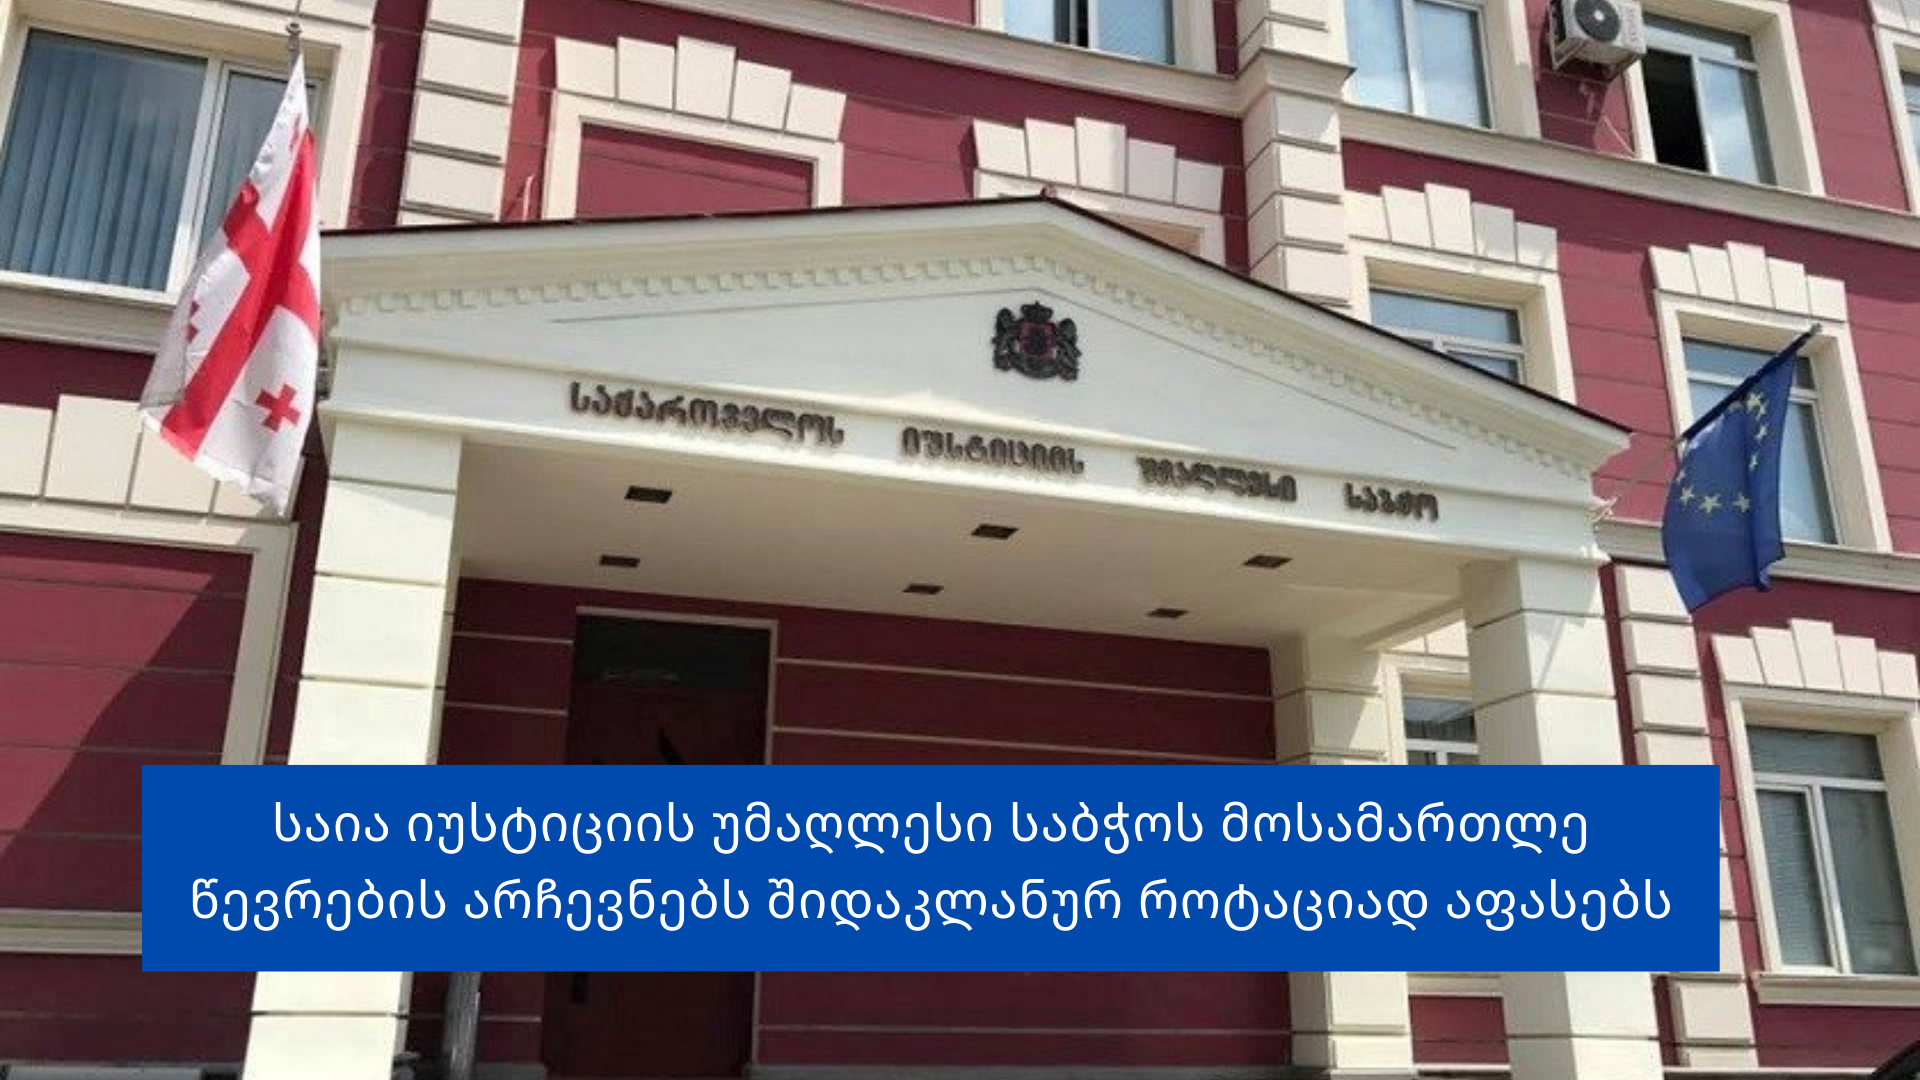 საიას განცხადება იუსტიციის უმაღლესი საბჭოს მოსამართლე წევრების არჩევნებზე